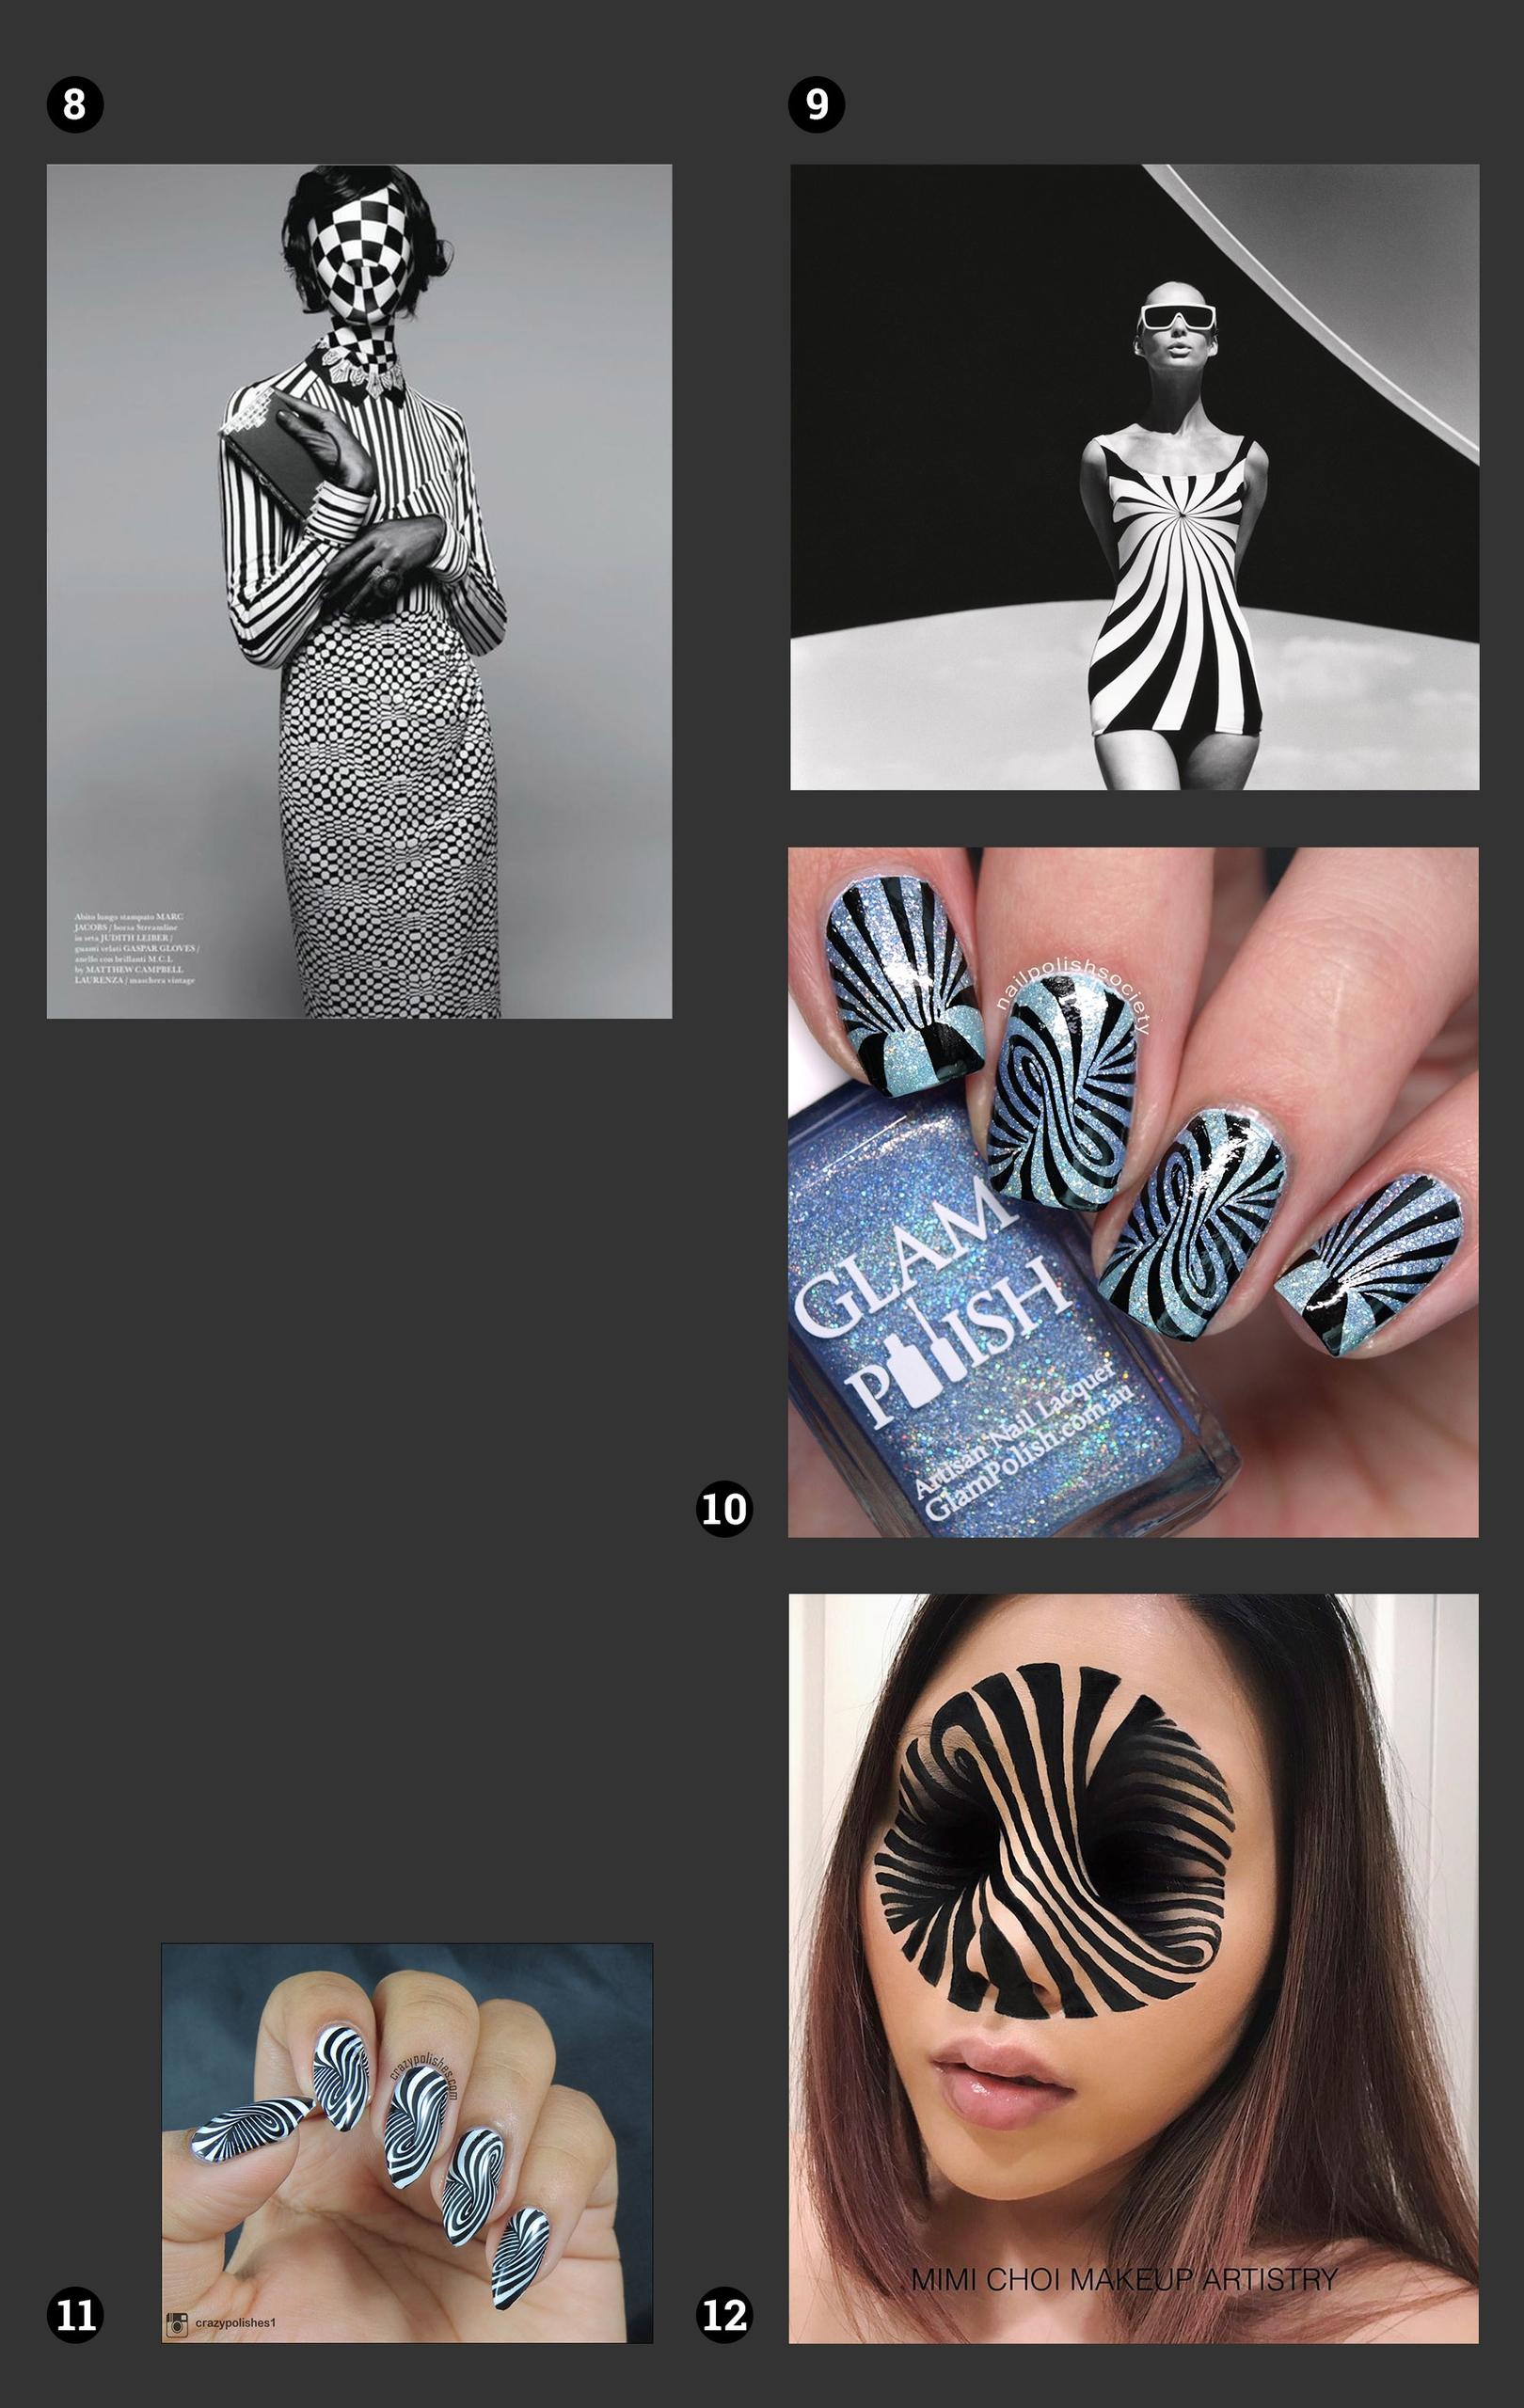 Obraz przedstawia zdjęcia pomalowanych paznokci, twarzy w makijażu, modelek w czarno-białych kostiumach. Wszystko na ciemno-szarym tle.